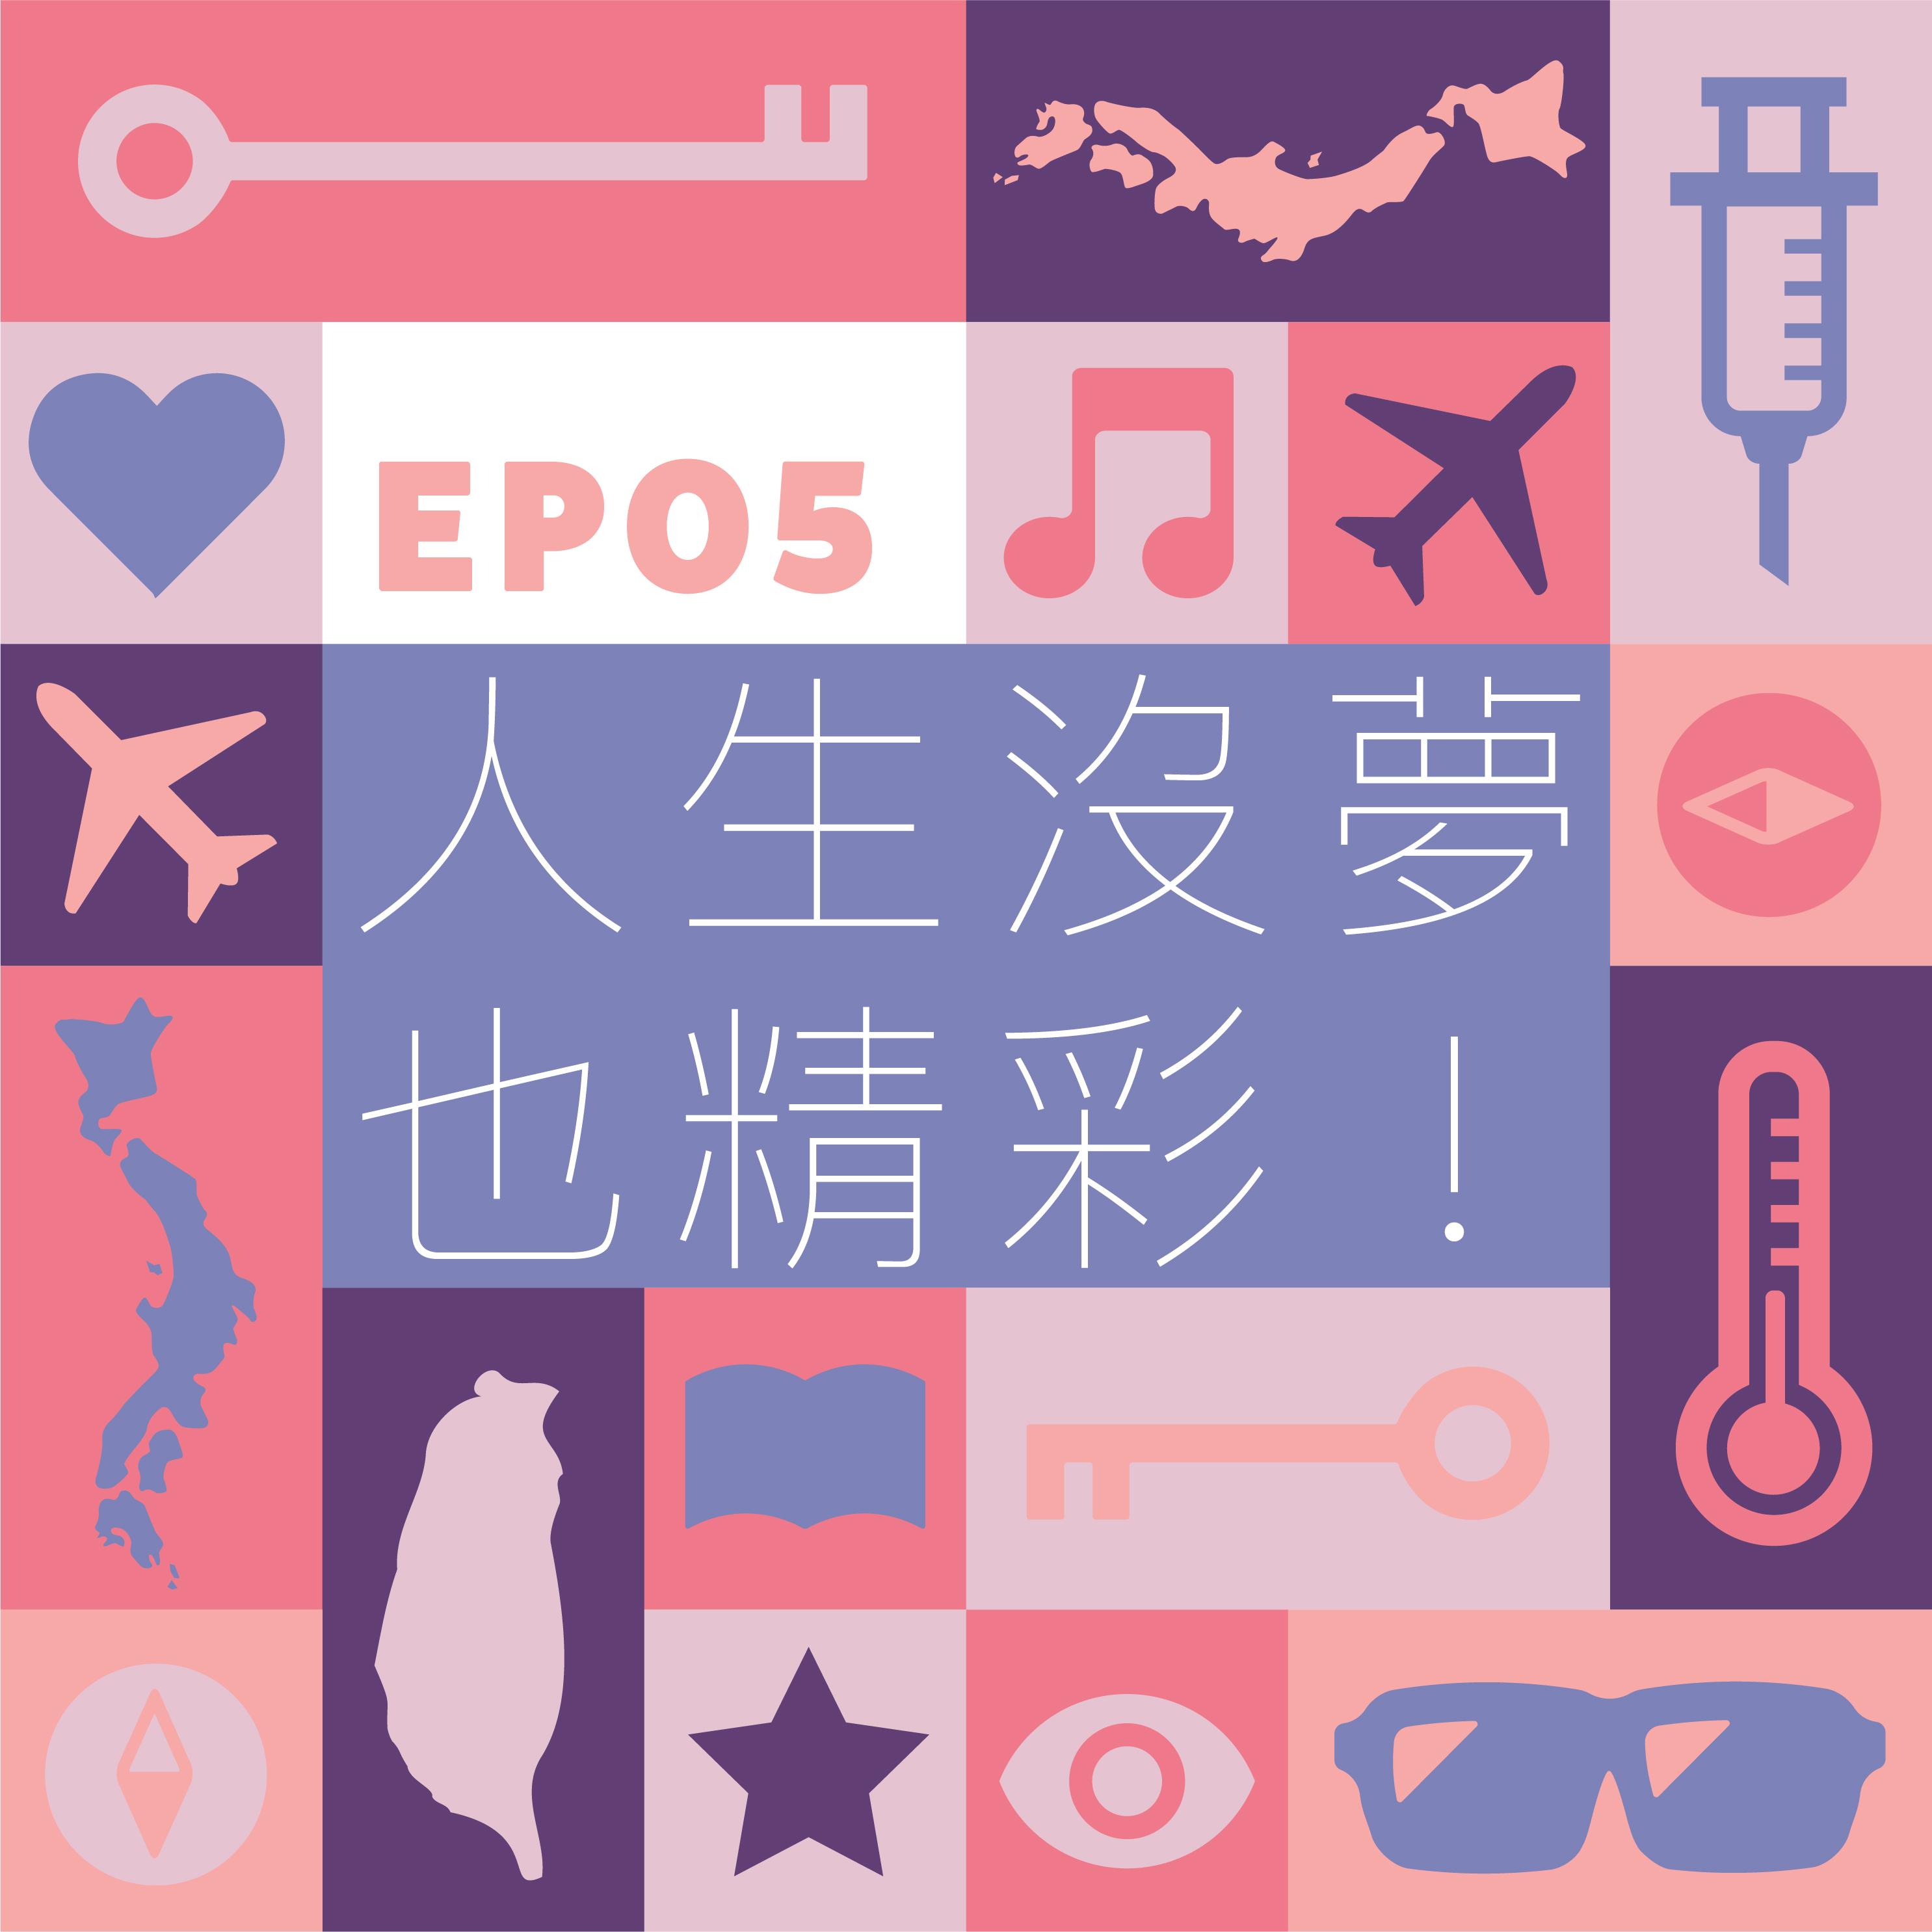 EP05_有測驗為證的無目標人生!只活在當下的我們還可以走到哪裡?!